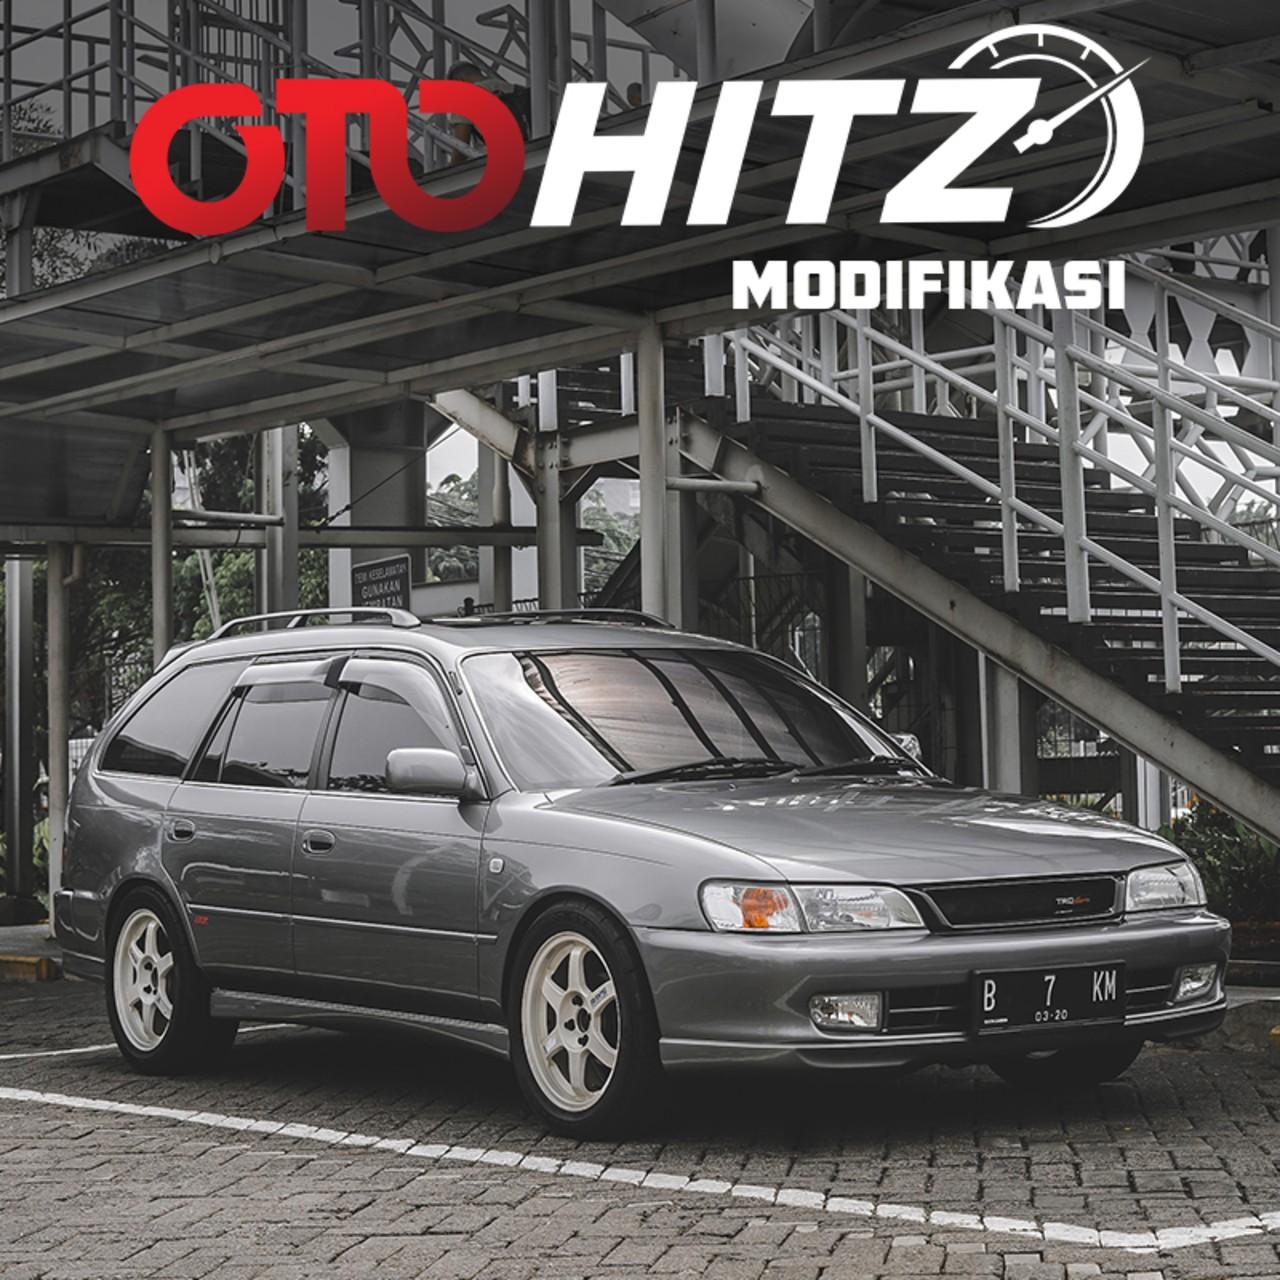 OTOHITZ Modifikasi Toyota Corolla Wagon